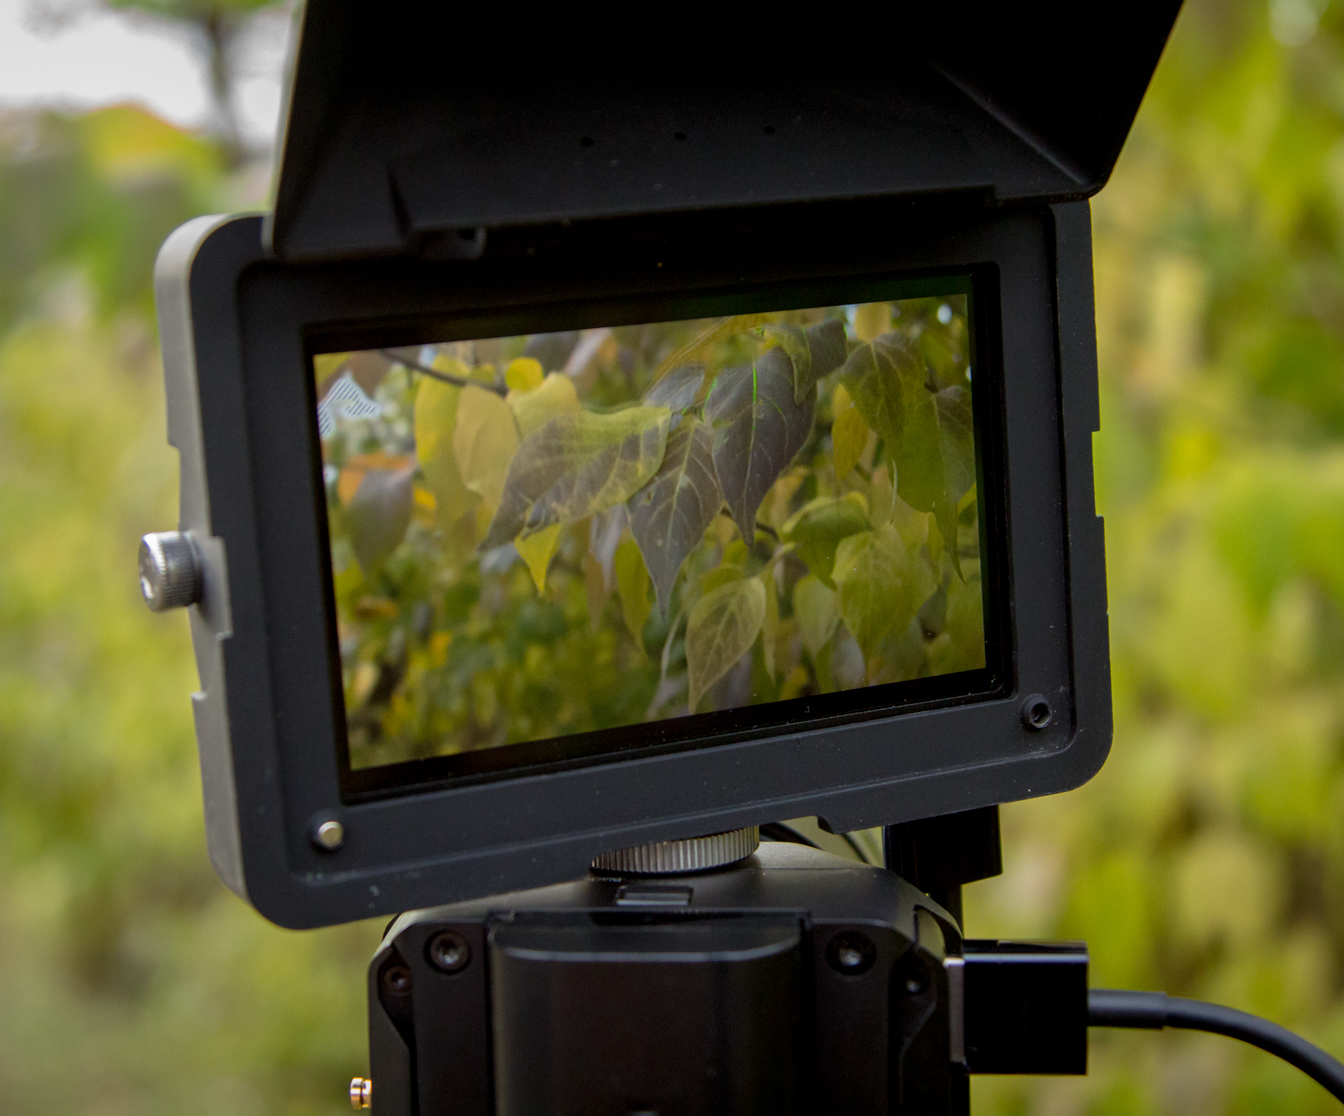 Micro Studio Camera 4K Released by Blackmagic Design 8